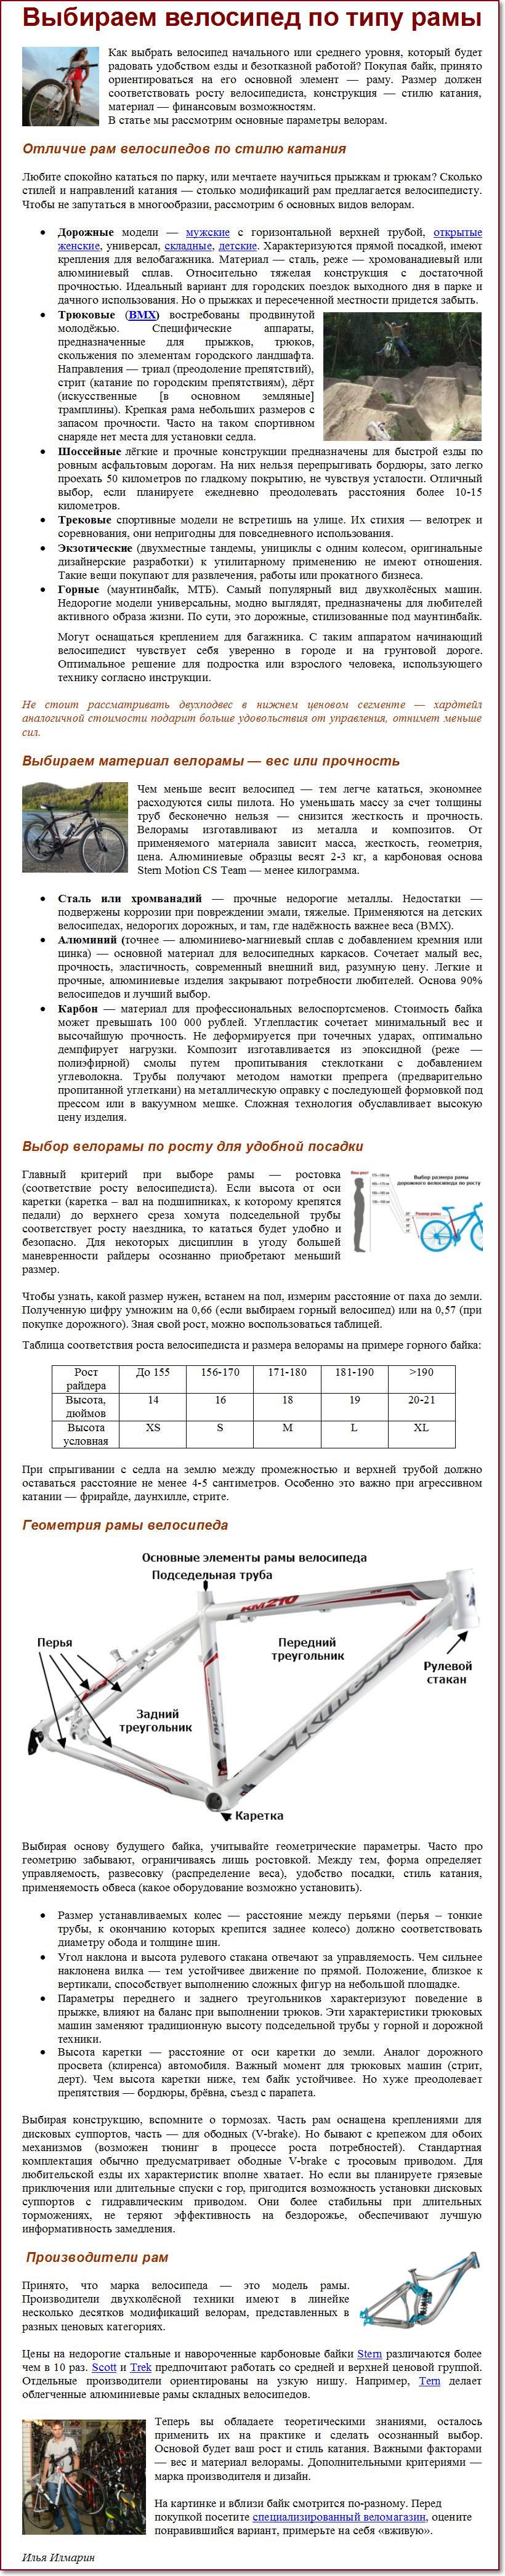 Статья о выборе рамы велосипеда